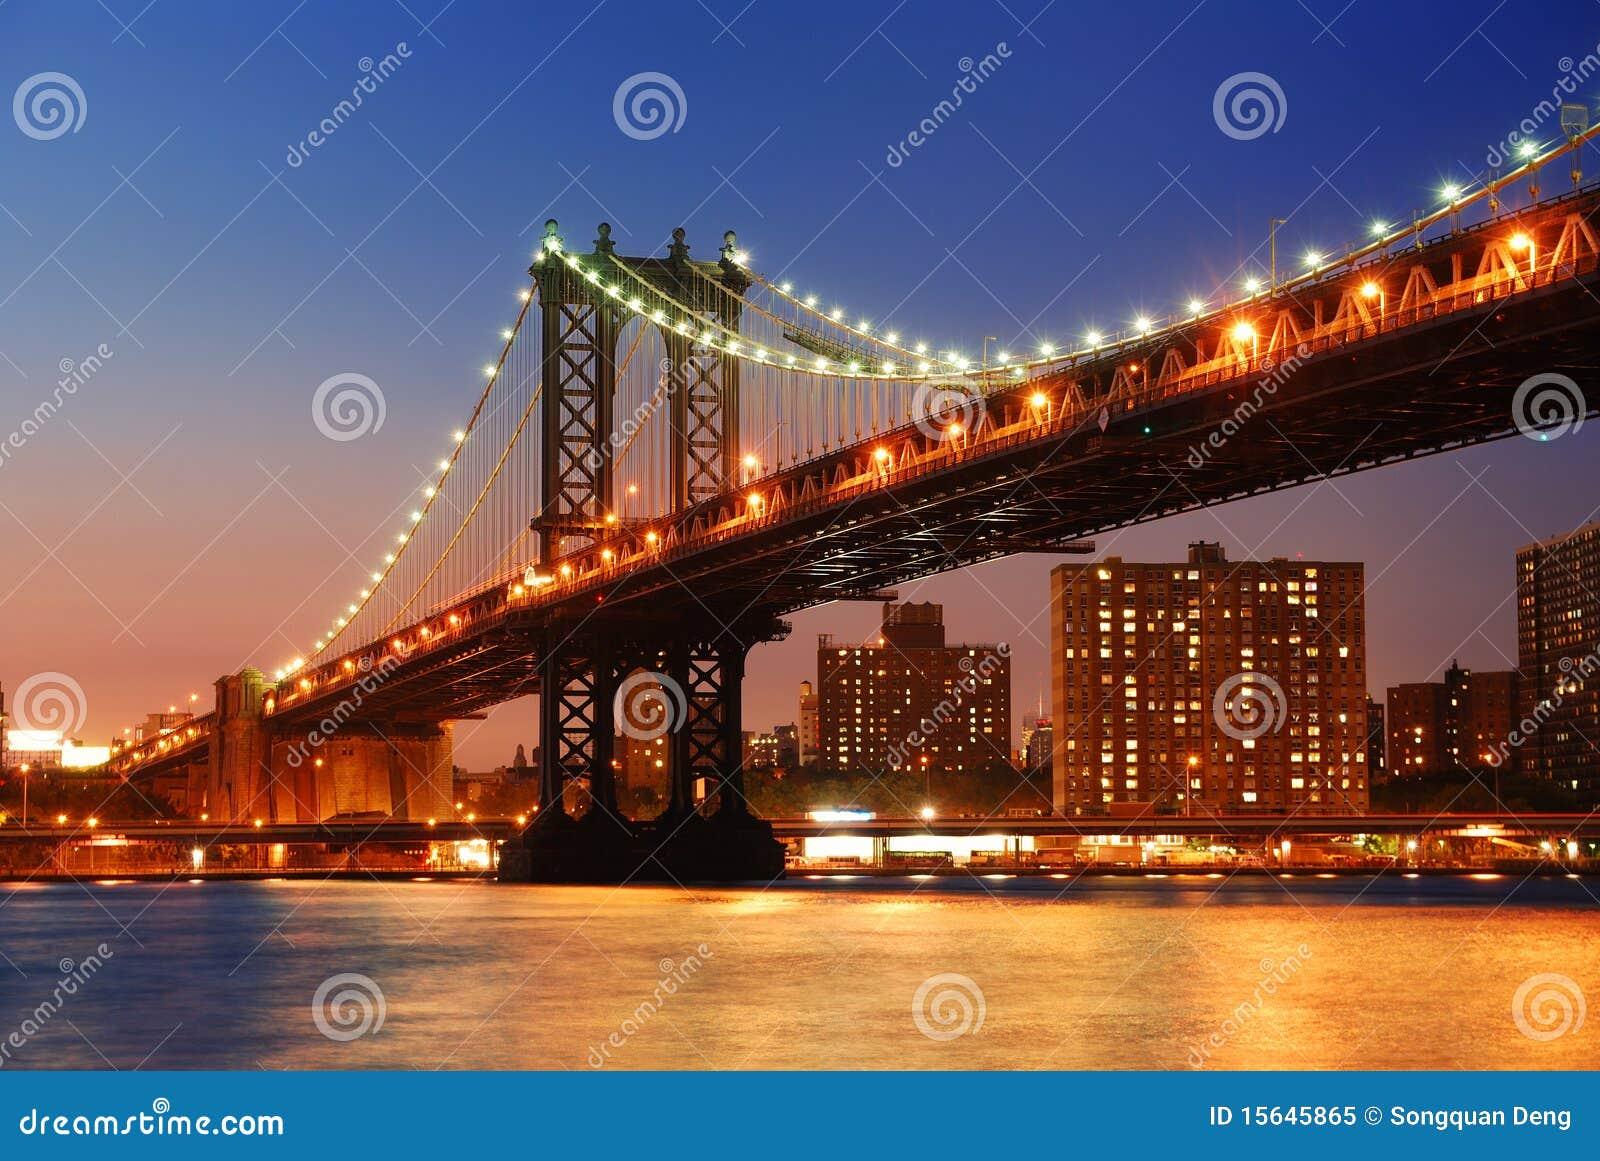 Quadro dorival moreira fotografia new york manhattan bridge